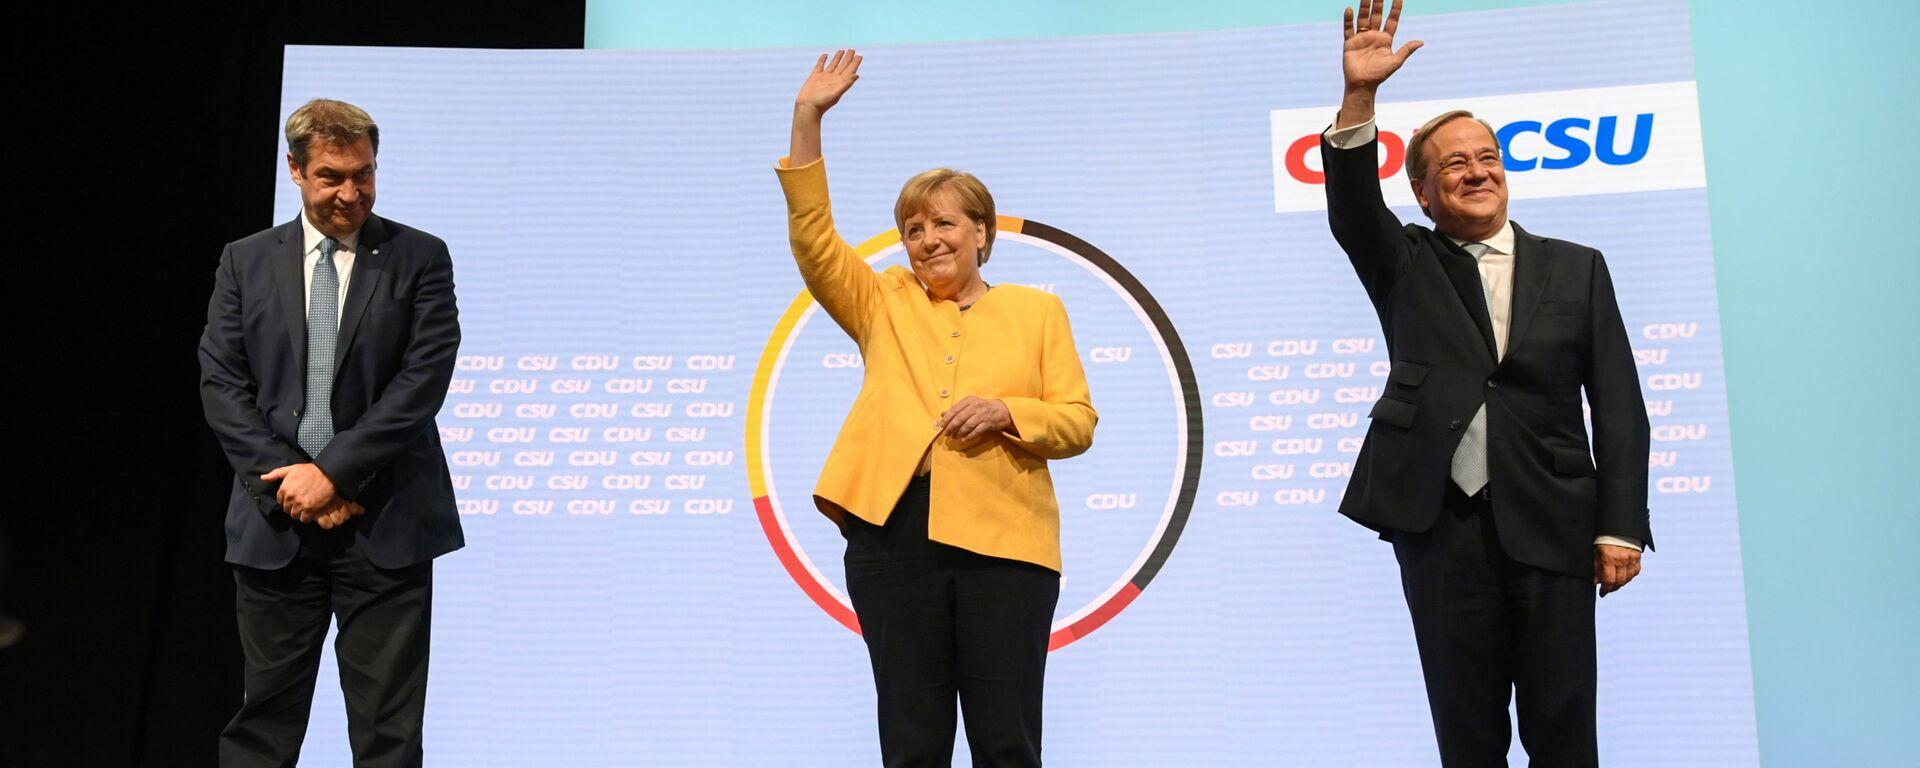 Глава партии ХСС Маркус Зёдер, канцлер Германии Ангела Меркель, и кандидат на место канцлера от партии ХДС / ХСС Армин Лашет выступают вместе в Берлине, Германия - Sputnik Таджикистан, 1920, 18.09.2021